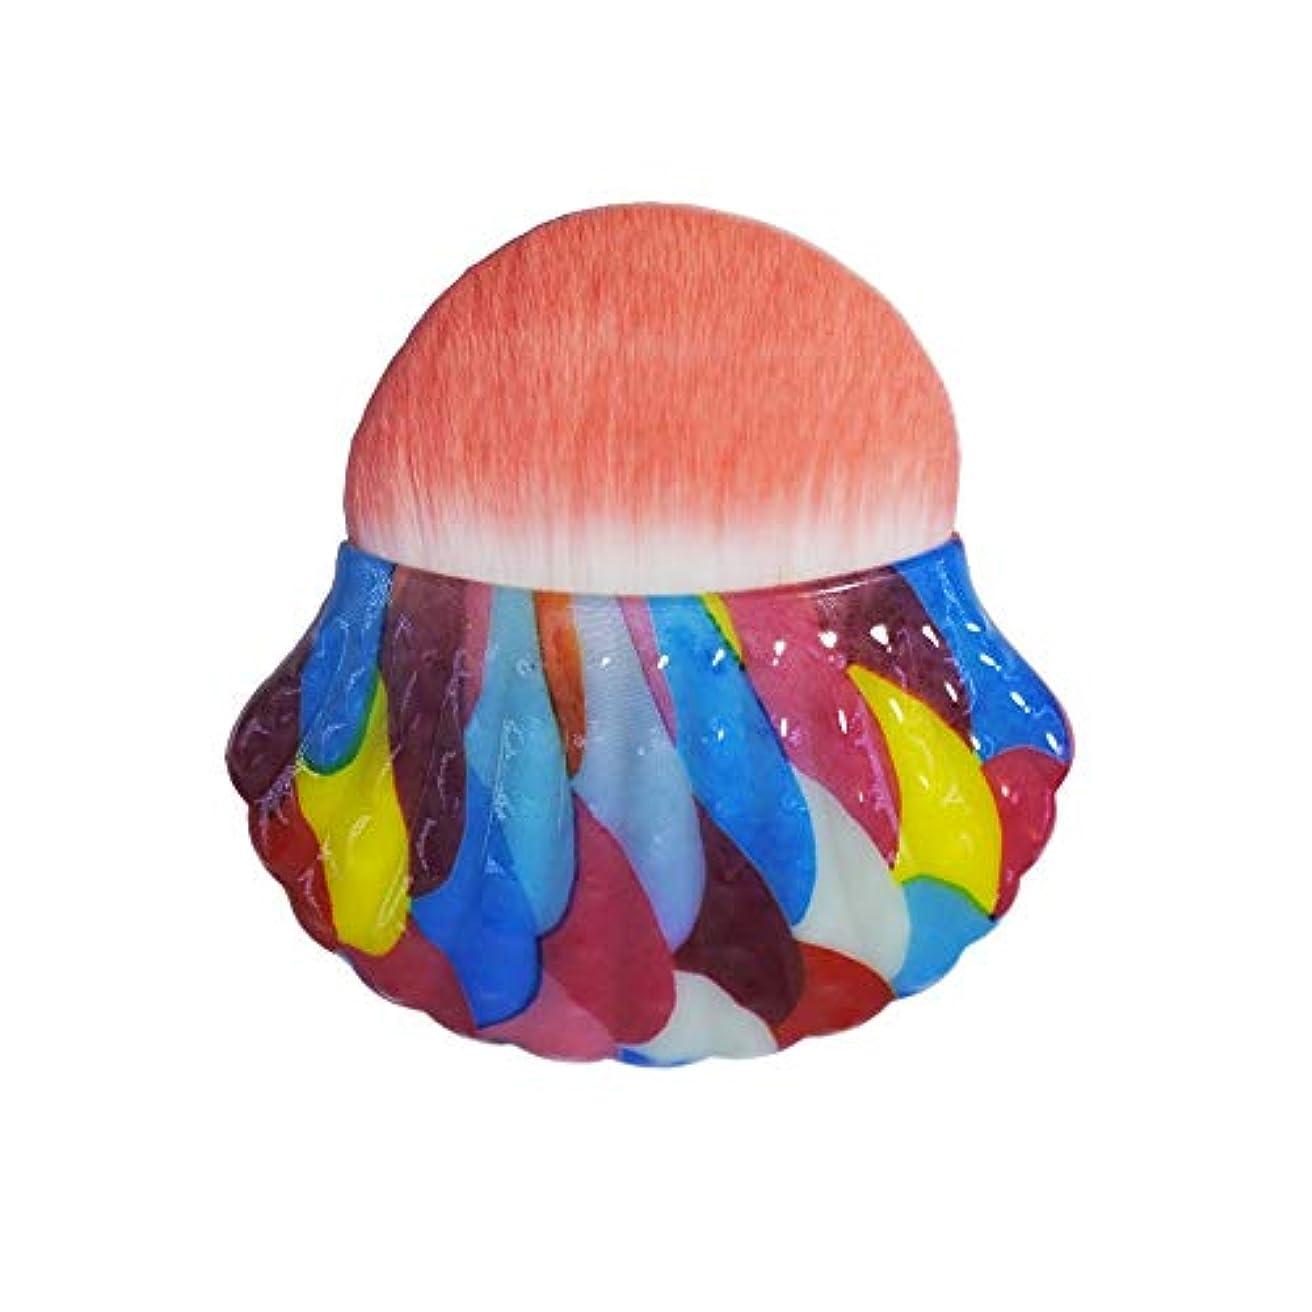 横たわる立ち寄るでるMakeup brushes 色、独占シェルタイプブラッシュブラシ美容メイクブラシツールポータブル多機能メイクブラシ suits (Color : Rainbow)